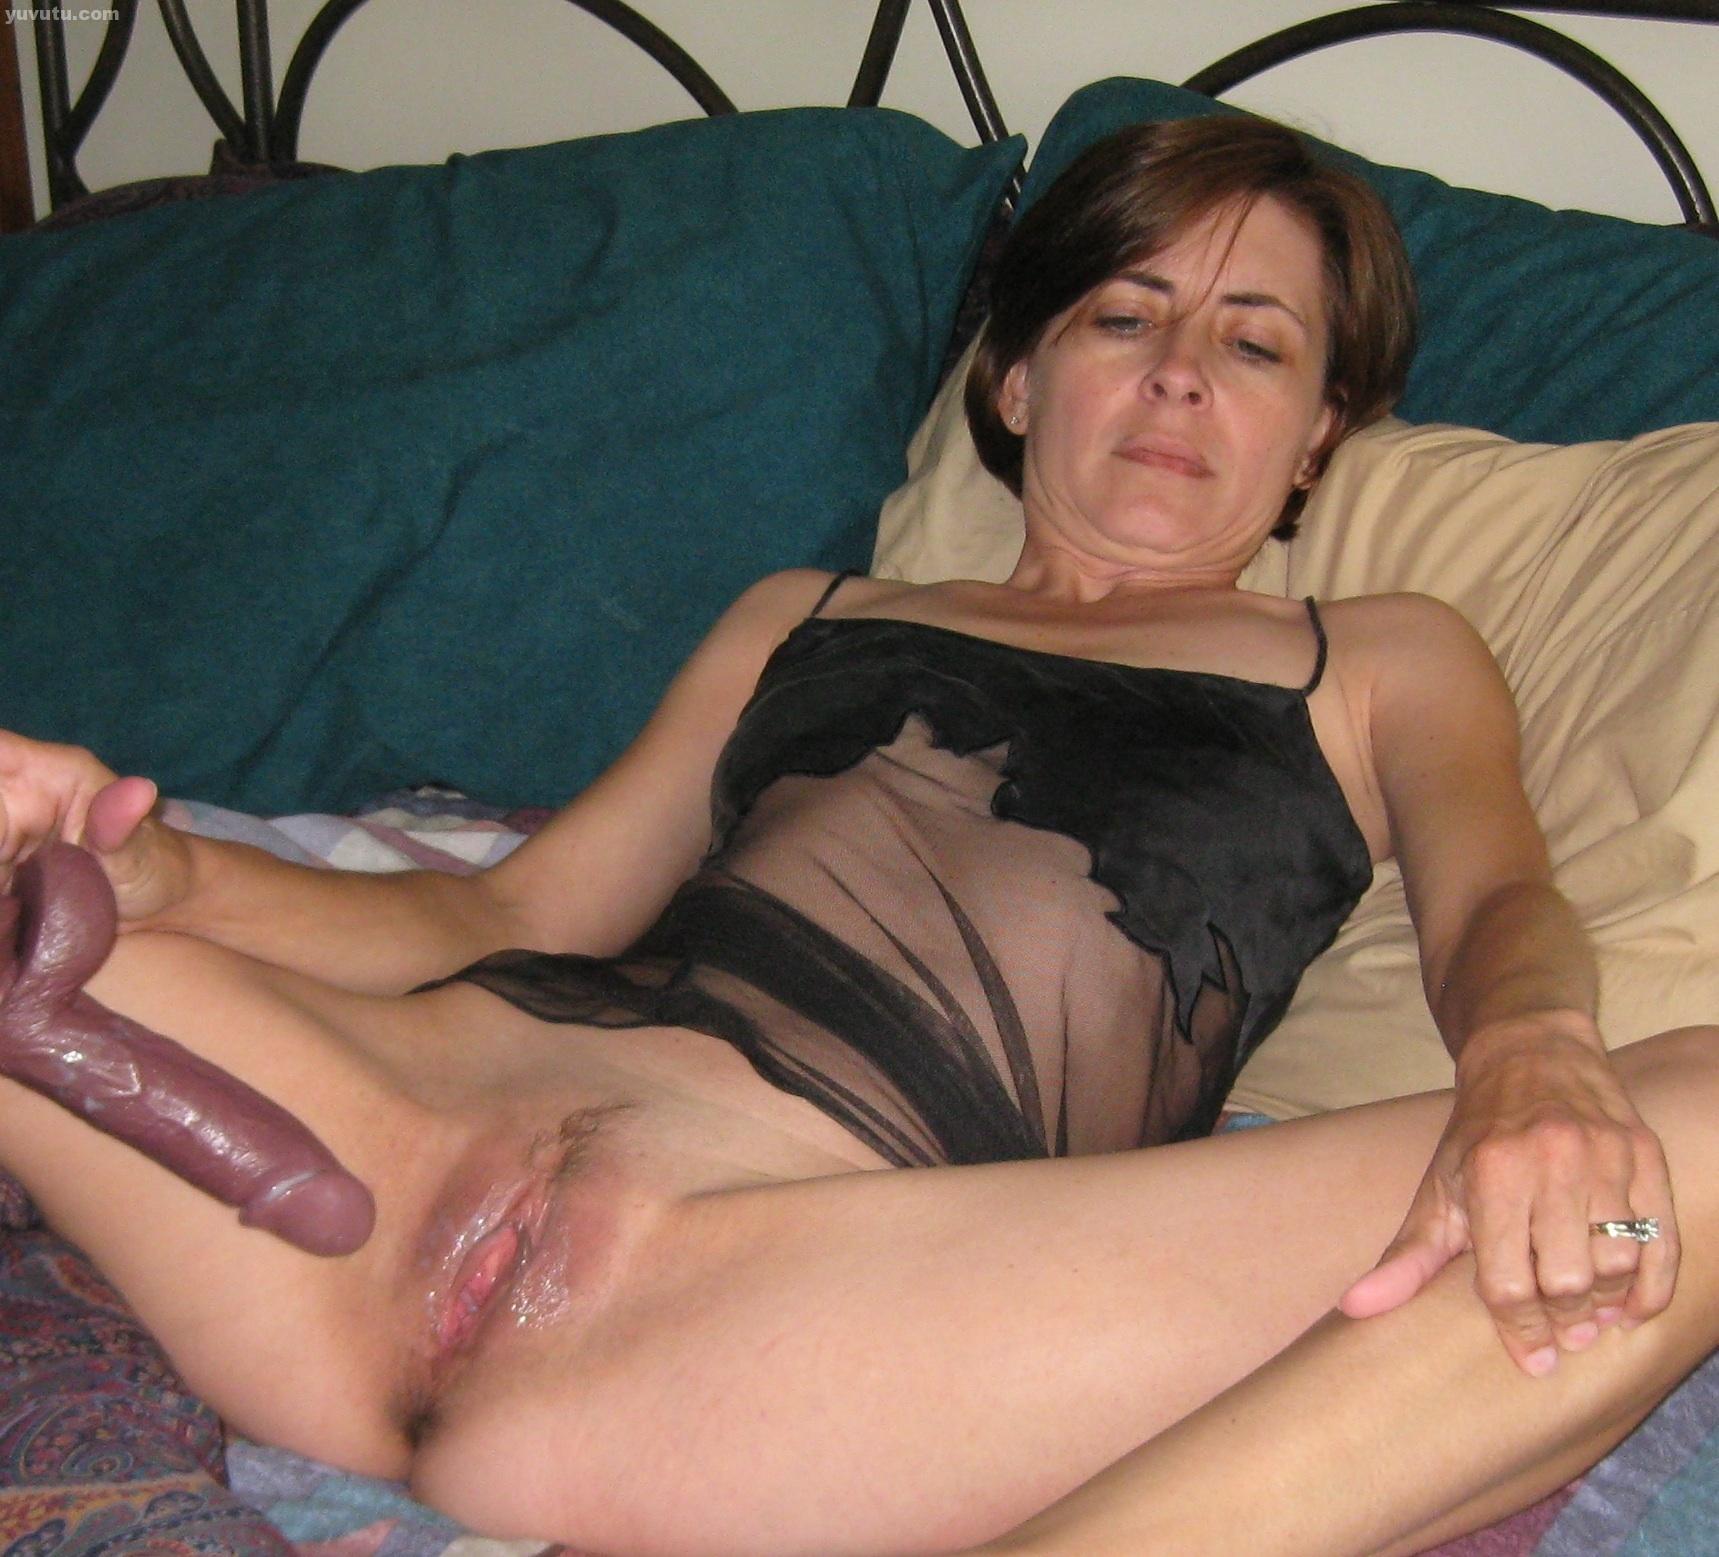 Homemade dildo masturbation 113 - 5 2